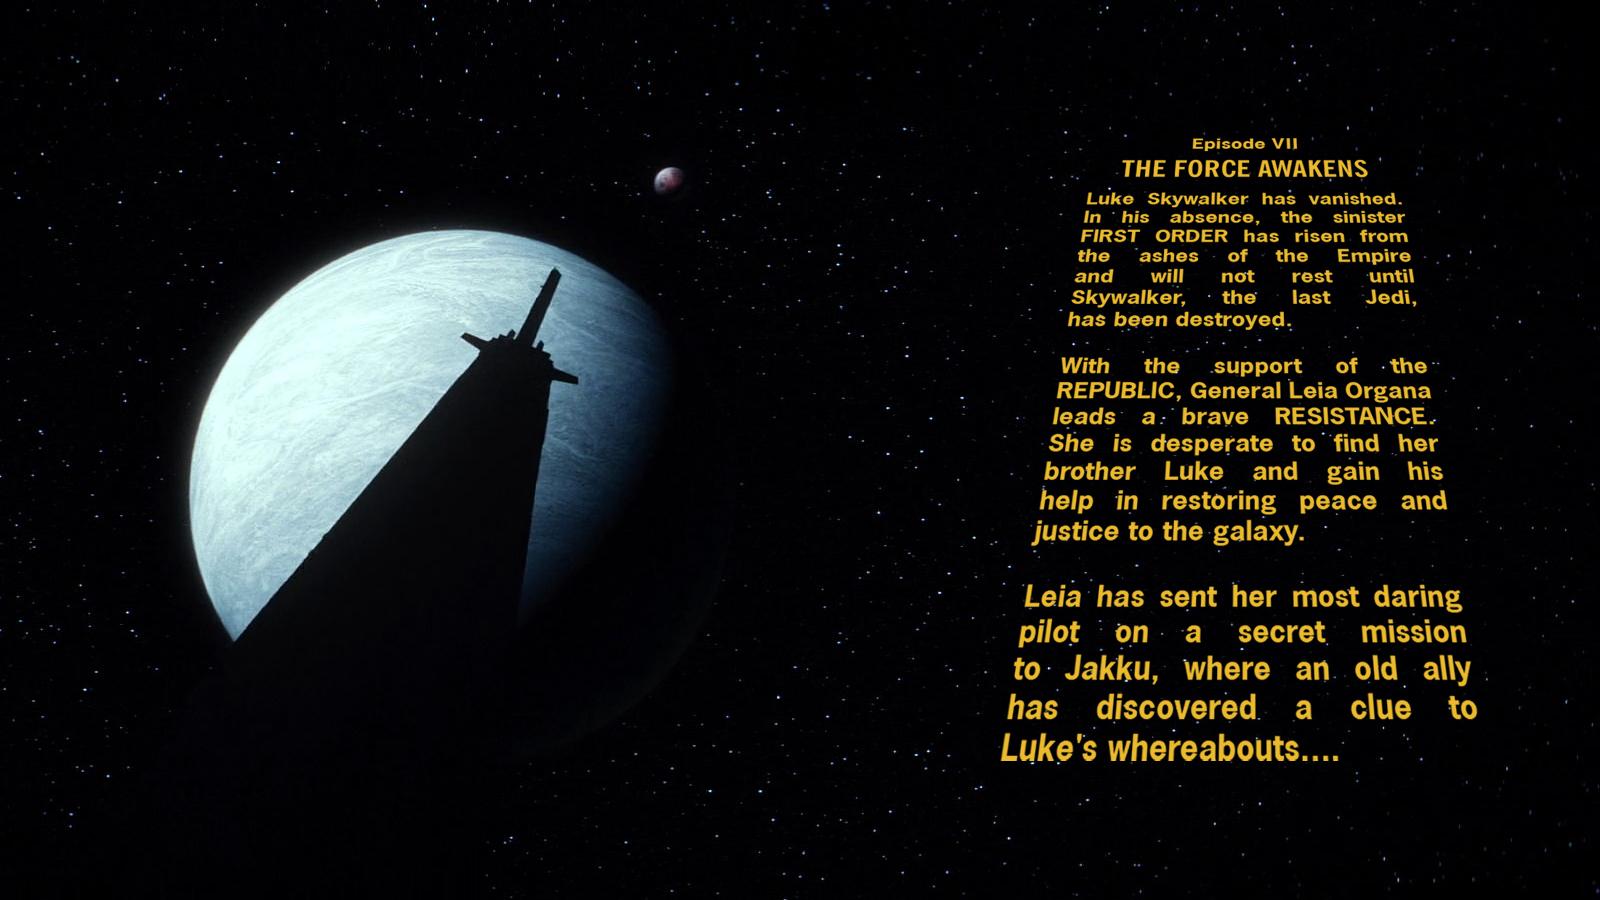 Star Wars Episode Vii Crawl Wallpaper By Spirit Of Adventure On Deviantart